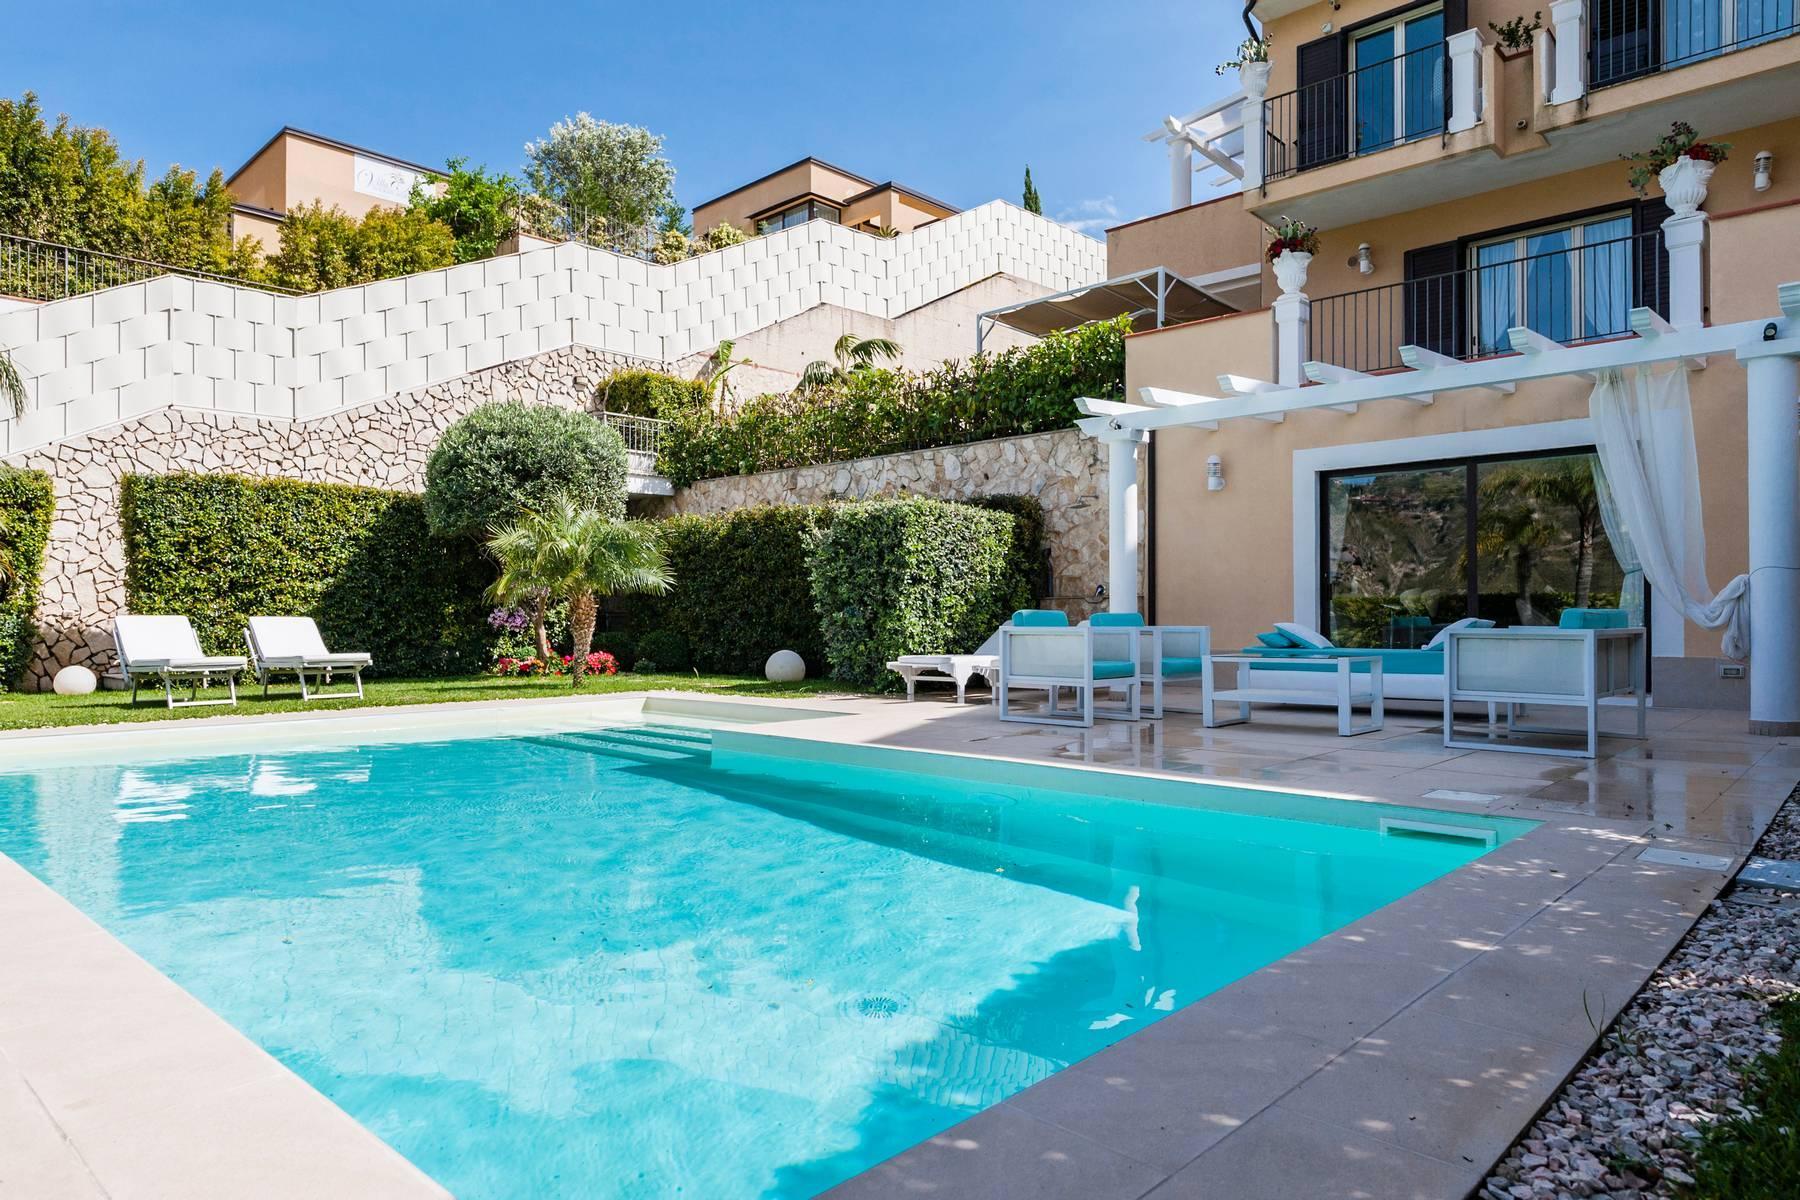 Modern villa with swimming pool in Taormina - 5